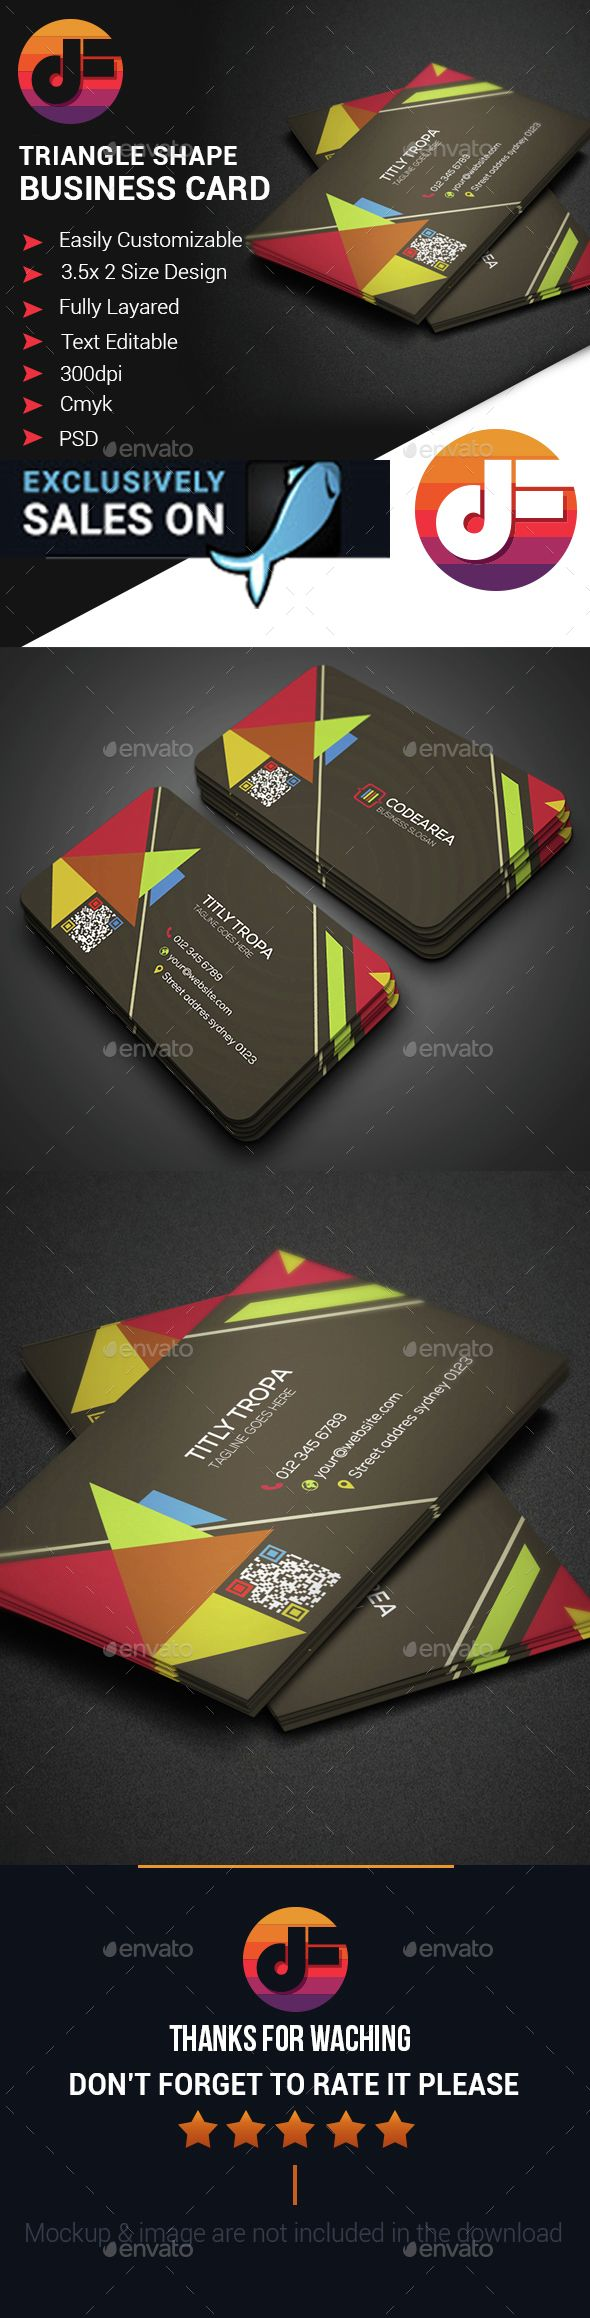 Triangle Shape Business Card | Triangle shape, Business cards and ...